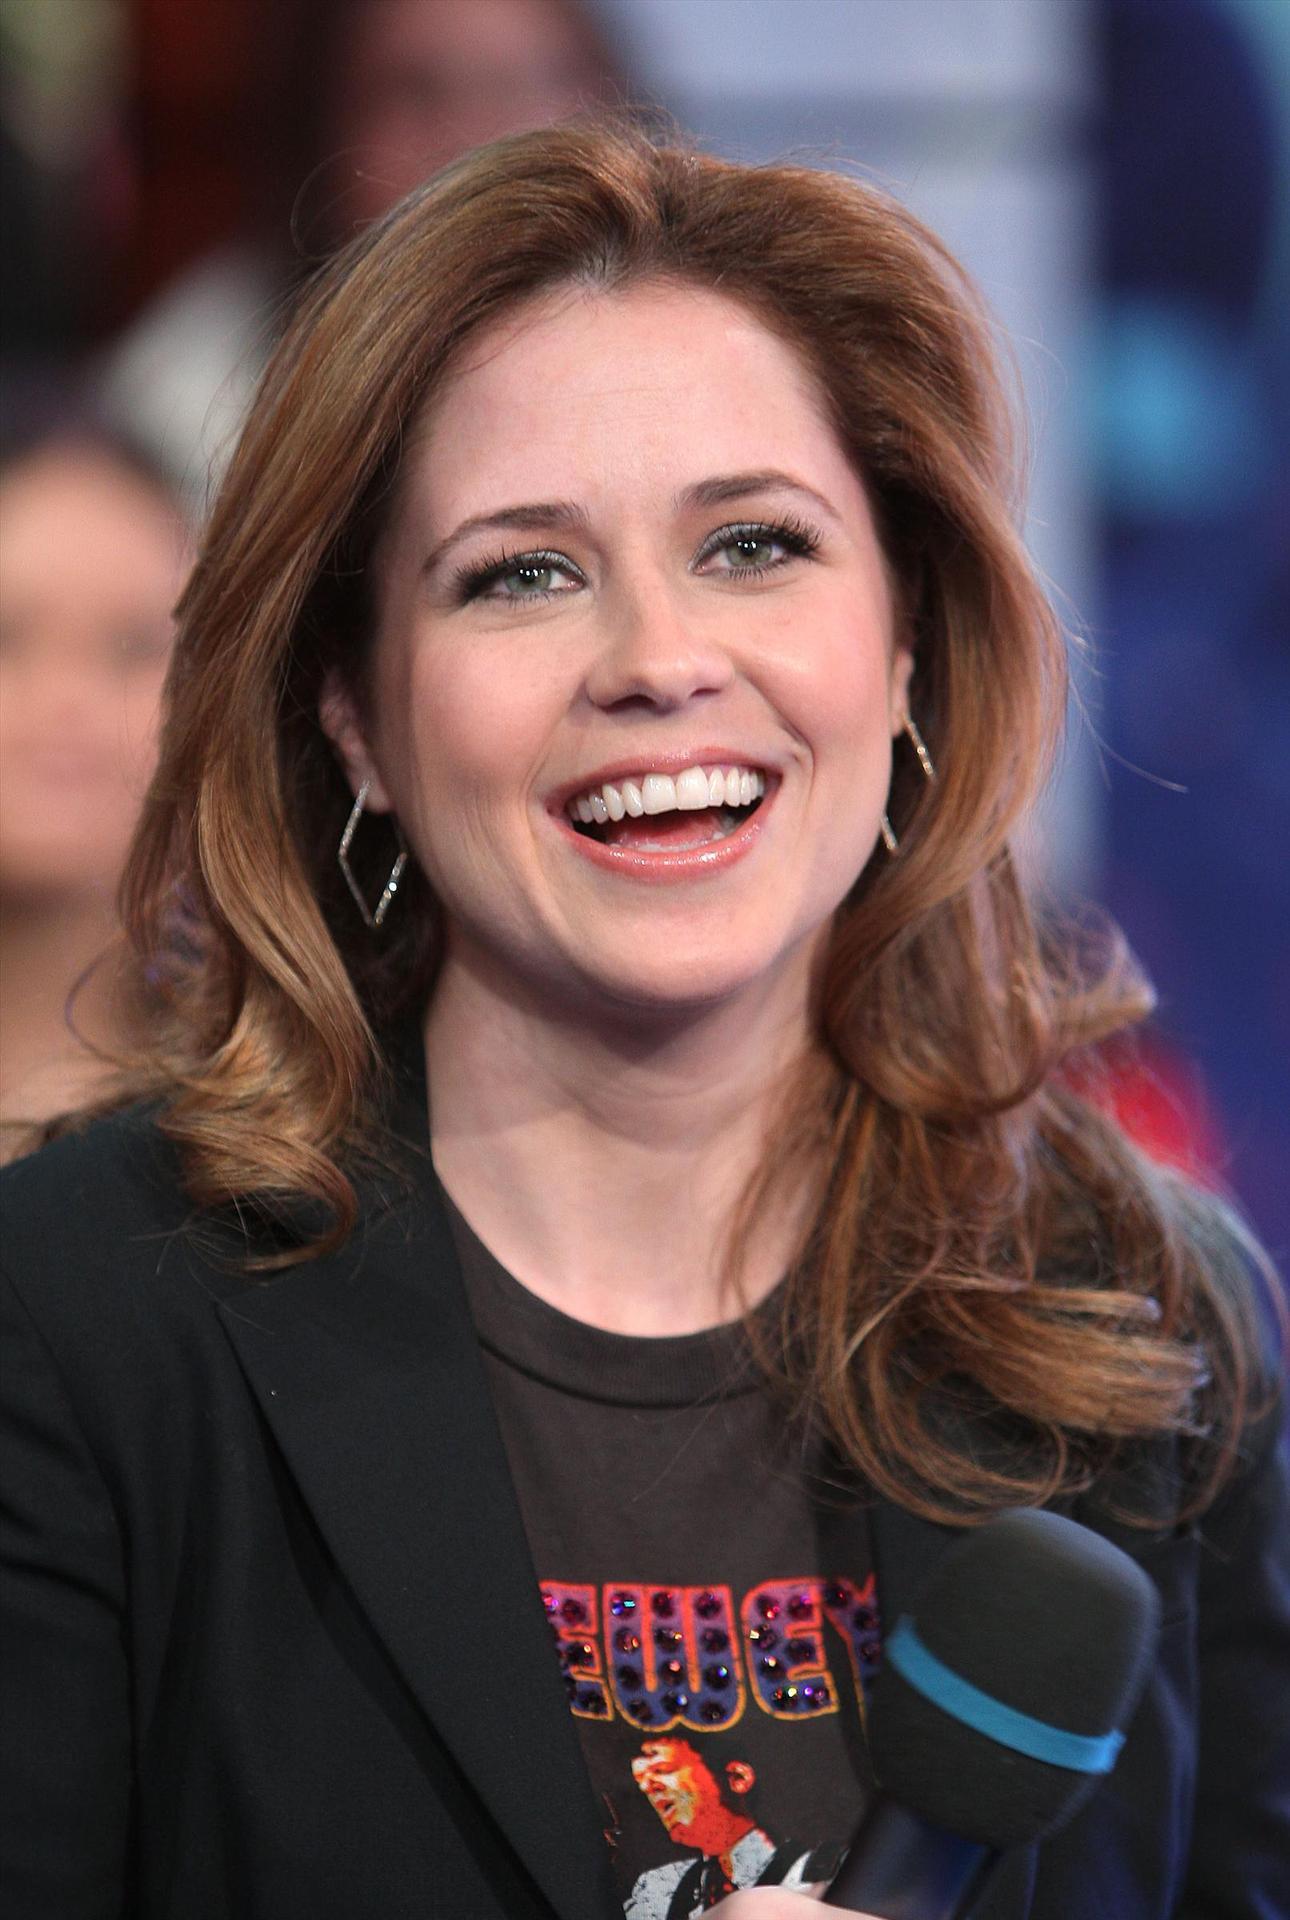 jenna fischer imdb - 688×1024